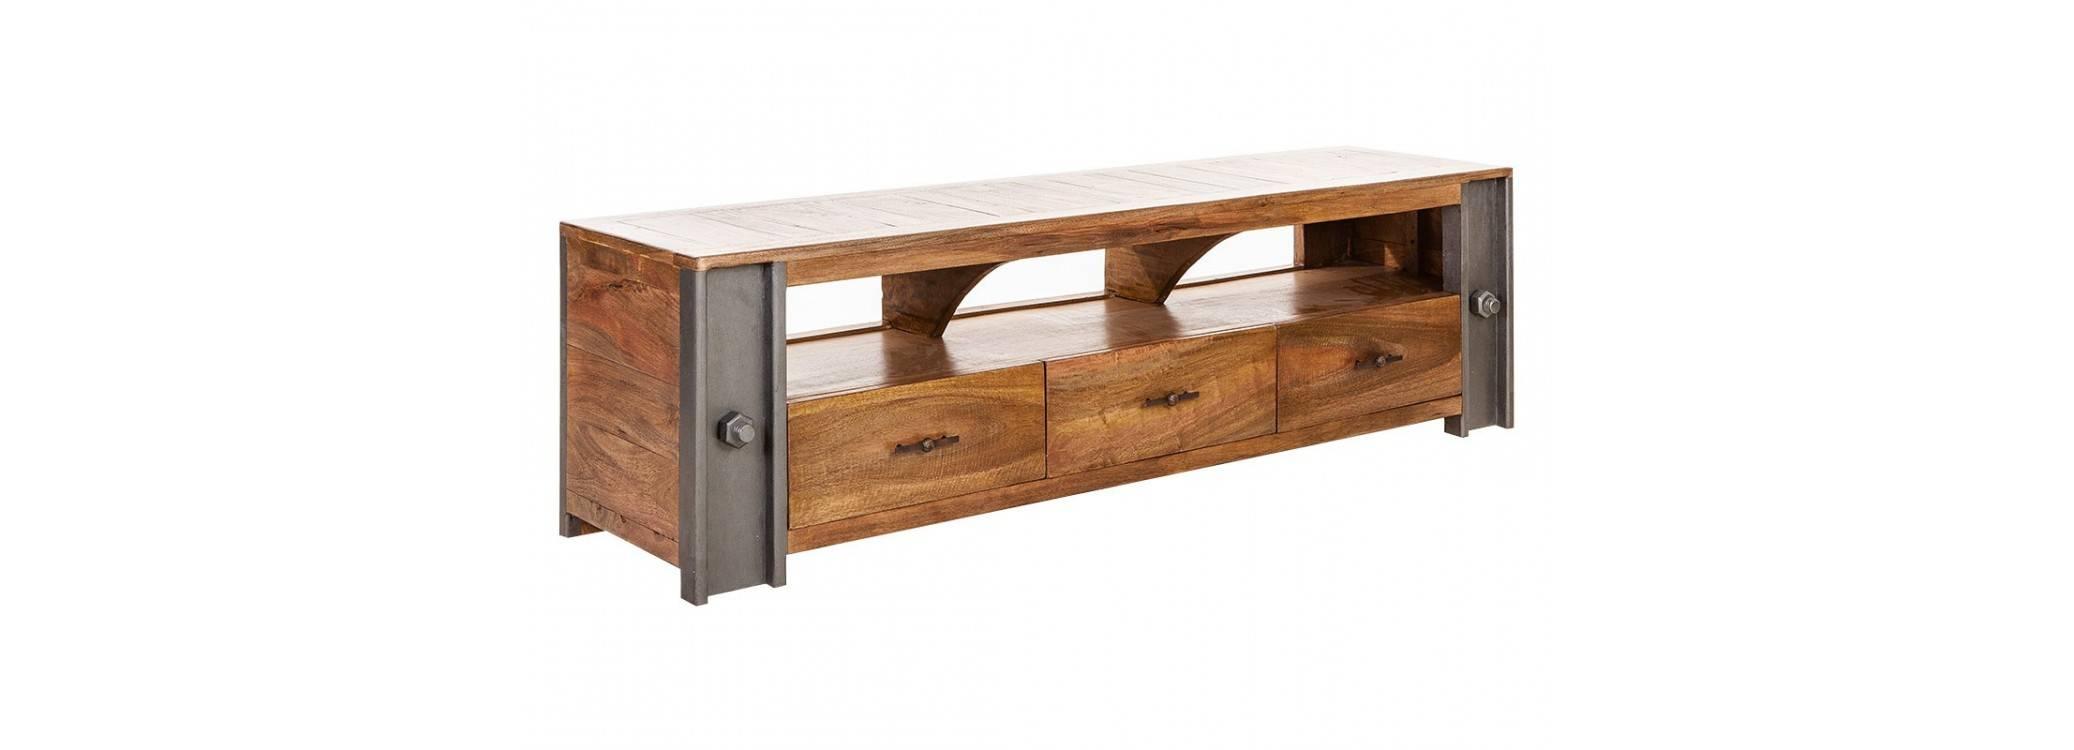 Meuble TV industriel Profile - 1 niche et 3 tiroirs